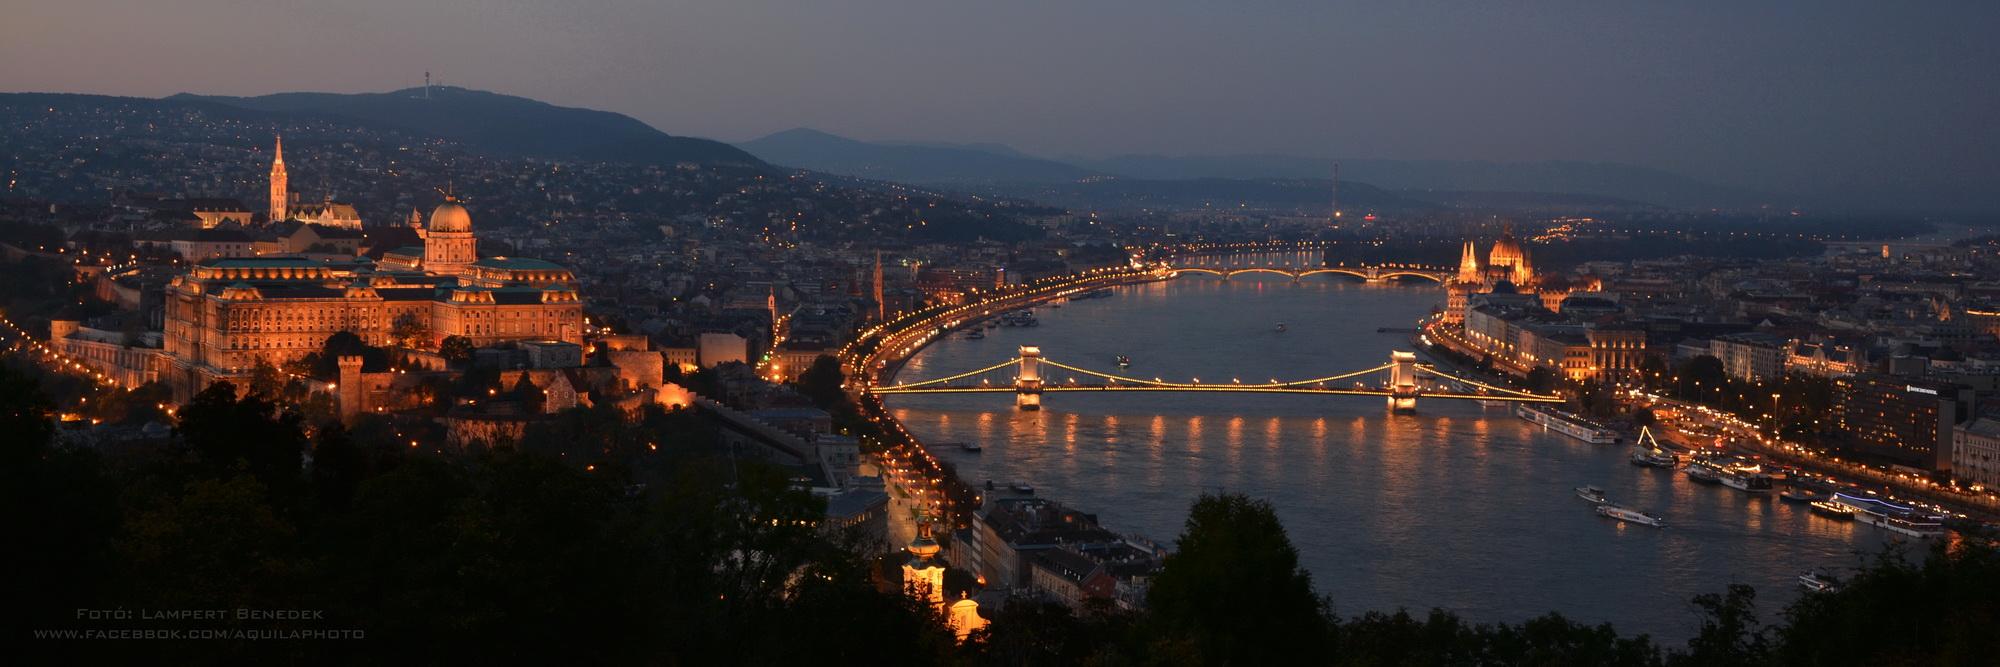 Akárhogy nézzük, fővárosunk látképével elégedettek lehetünk nemde :)?